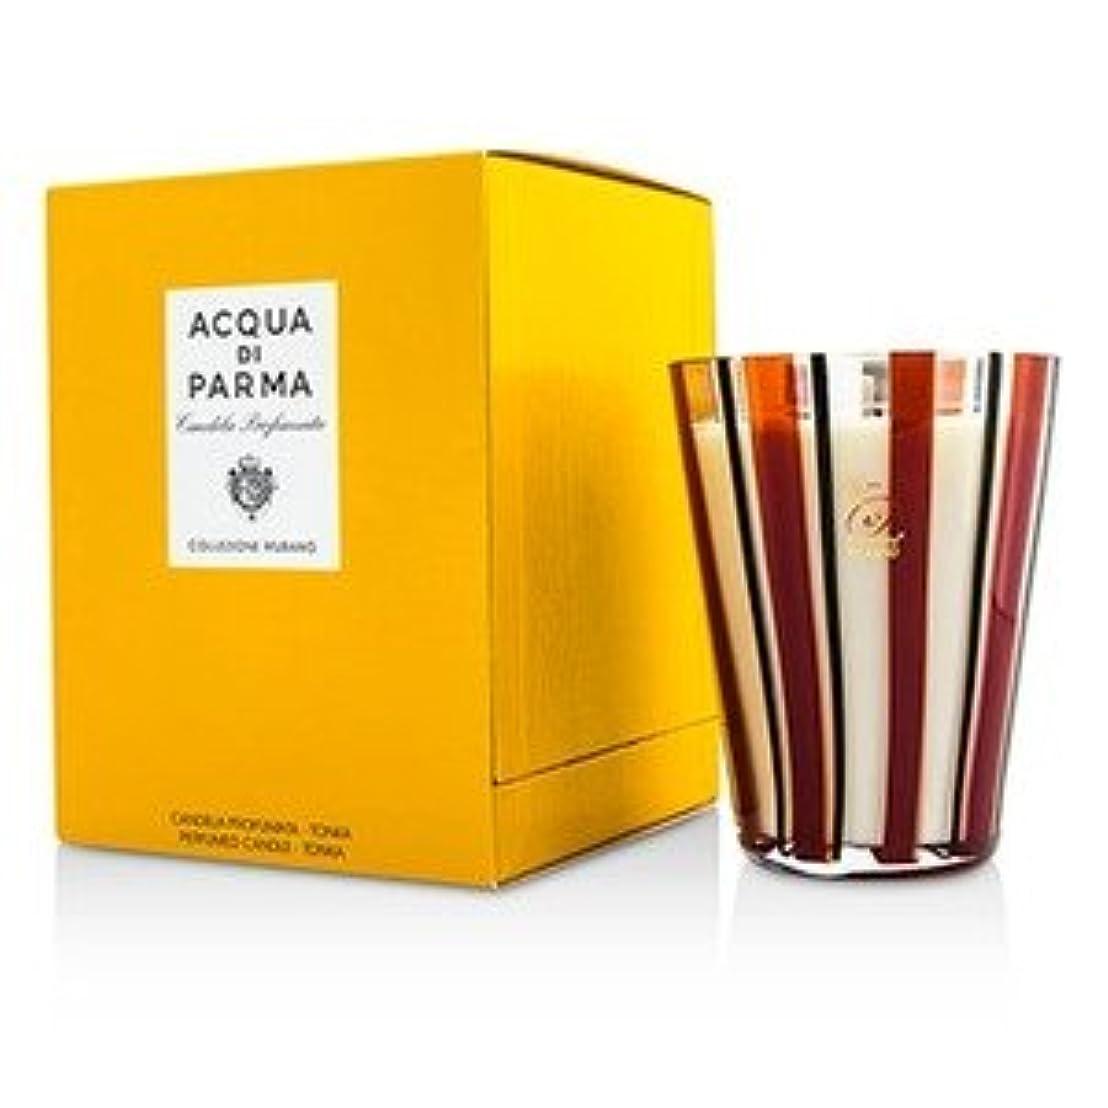 砲兵クレア一次アクア ディ パルマ[Acqua Di Parma] ムラノ グラス パフューム キャンドル - Tonka 200g/7.05oz [並行輸入品]